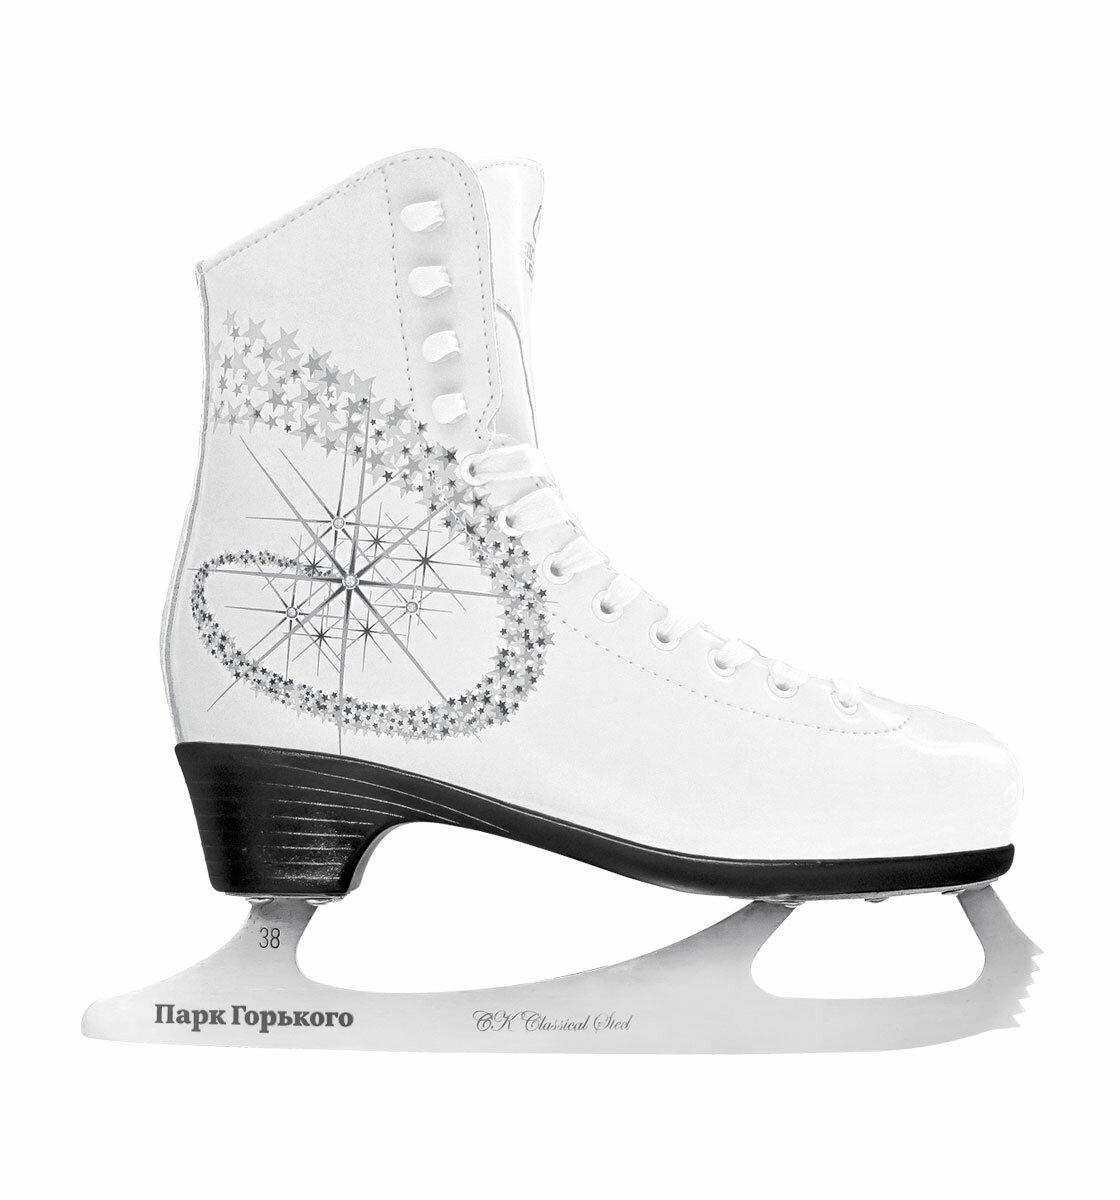 Фигурные коньки PRINCESS LUX leather 100% (ПГ (42))